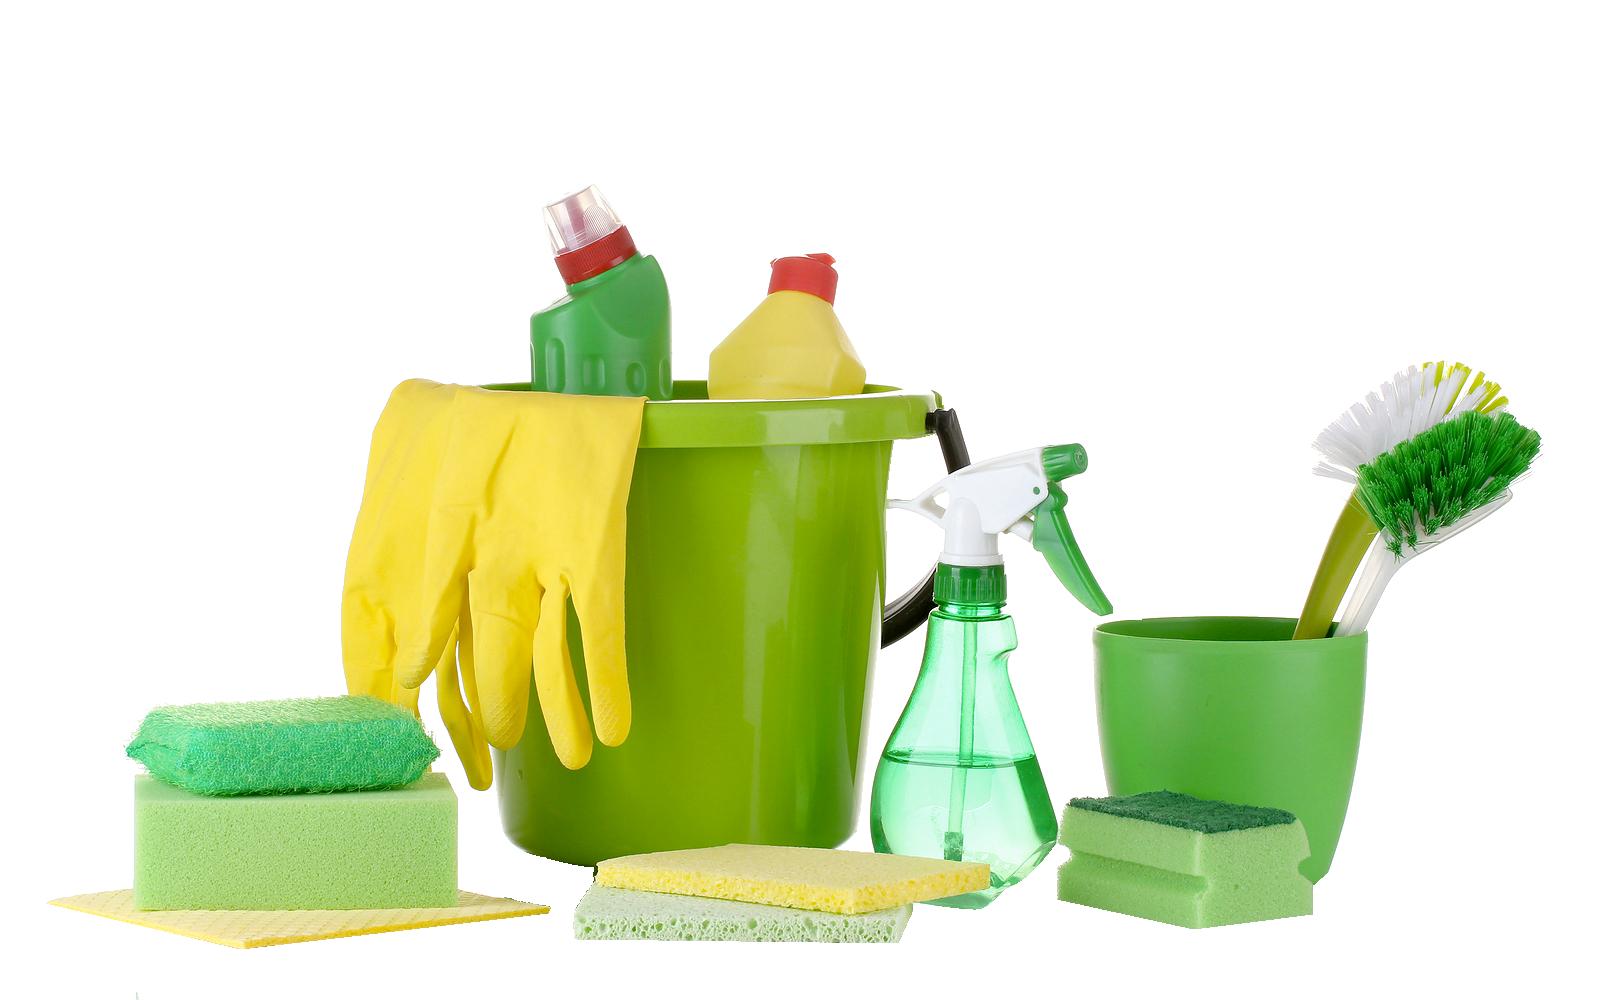 Empresas de limpieza a domicilio ccclean - Casas de limpieza ...